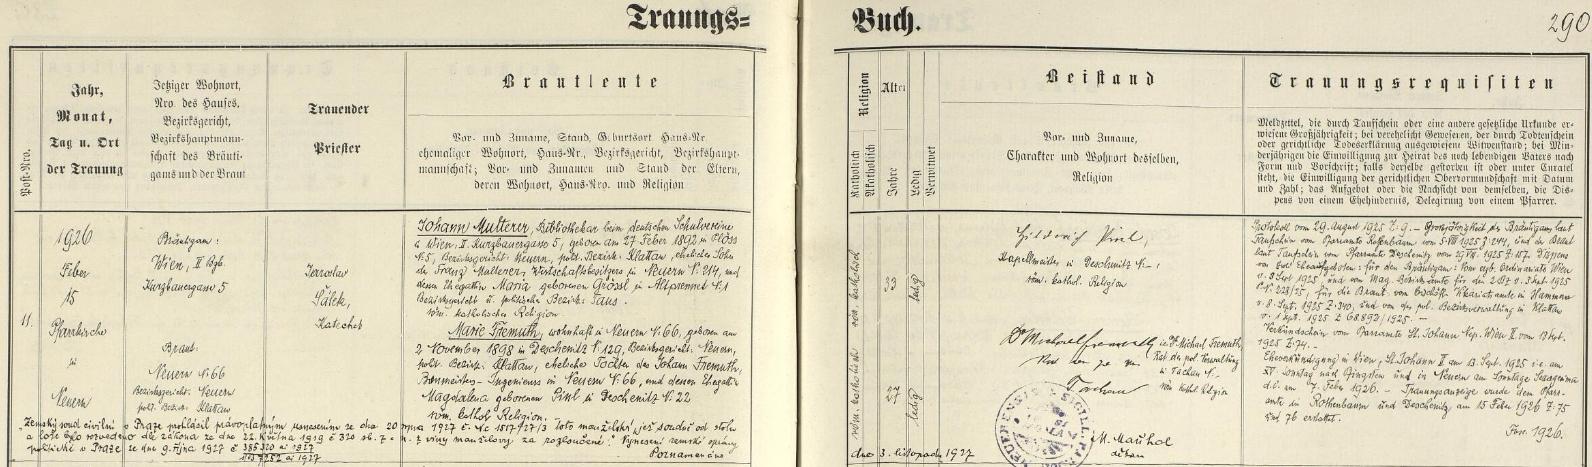 Záznam nýrské oddací matriky o jeho zdejší svatbě dne 15. února roku 1926 s Marií Fremuthovou, dcerou stavitele v Nýrsku (*2. listopadu 1898 v Dešenicích) s přípisem o tom, že manželství bylo už následujícího roku 1927 rozvedeno z viny manželovy (byl tehdy knihovníkem při německém Schuvereinu ve Vídni, kde i bydlil)